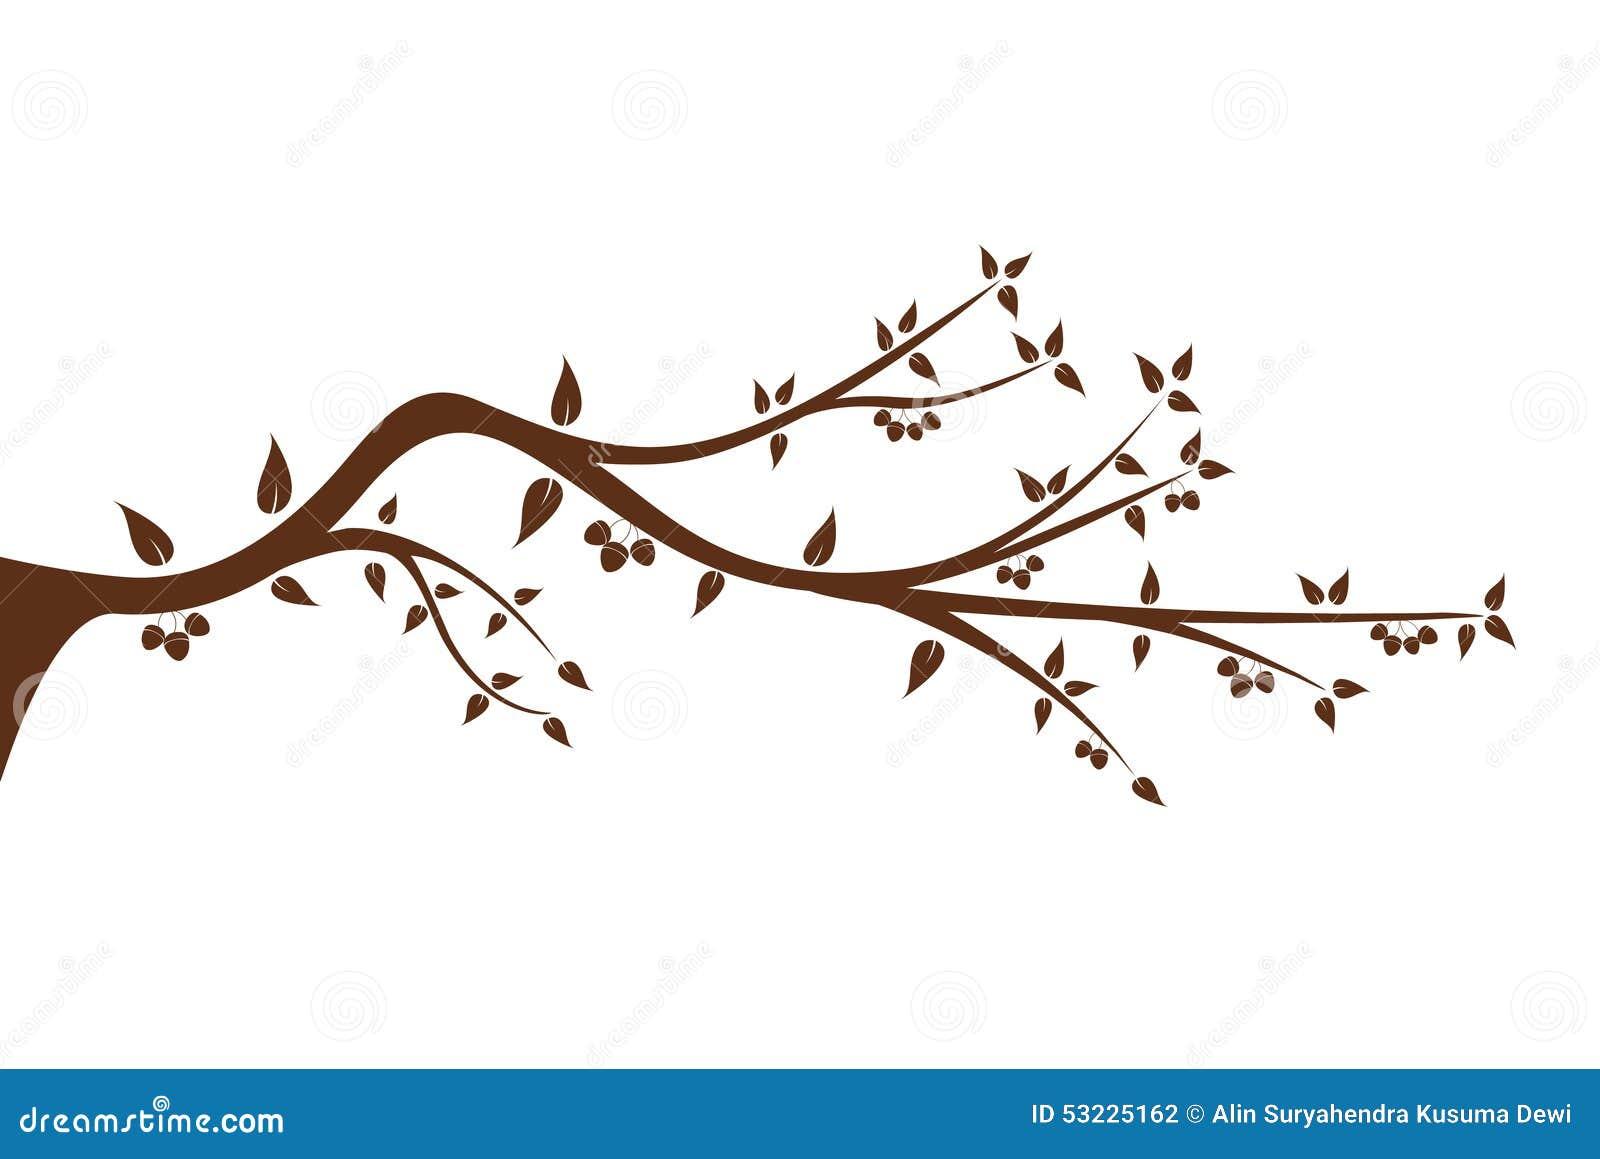 Silueta de la rama de rbol para su decoraci n ilustraci n - Ramas de arboles ...